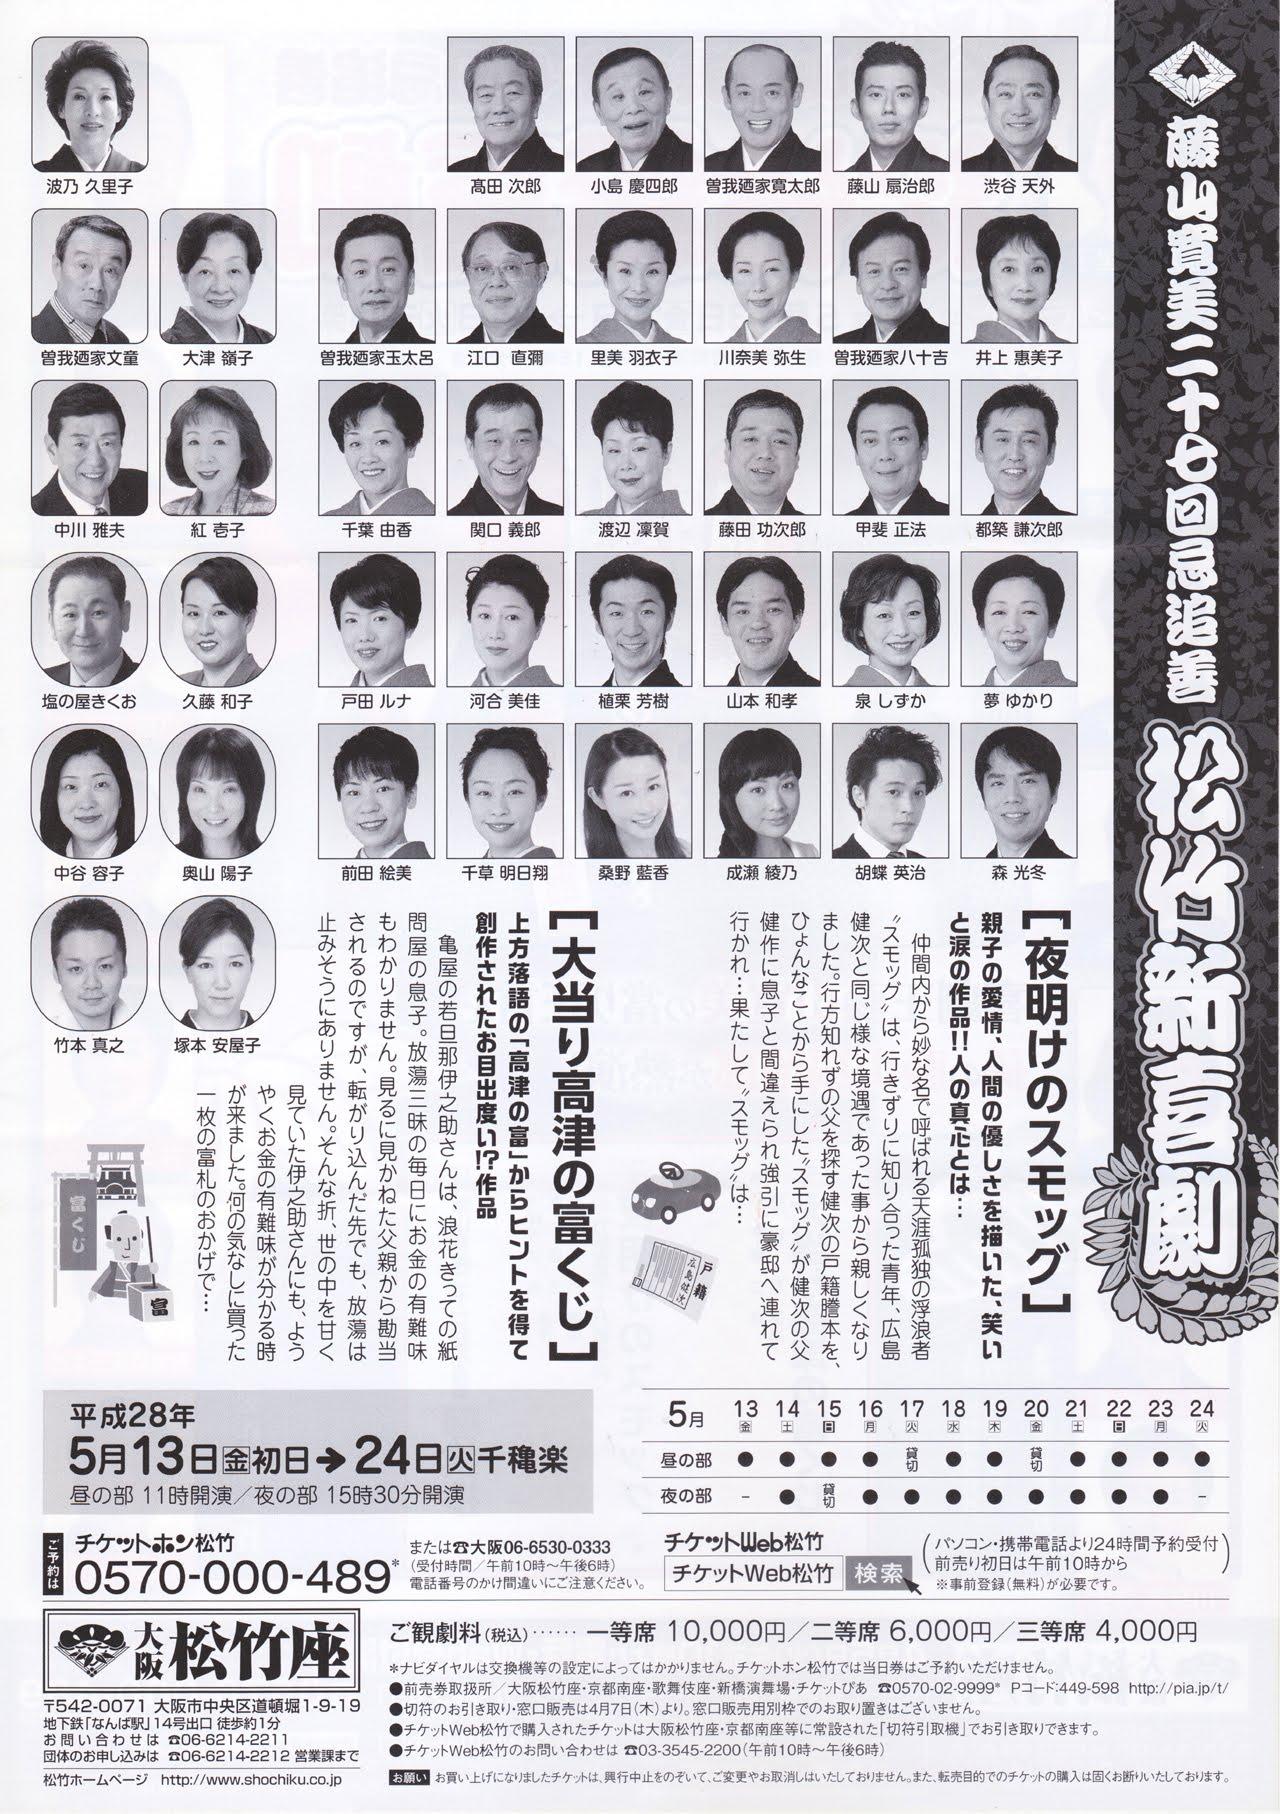 松竹新喜劇-藤山寛美二十七回忌追善(裏)